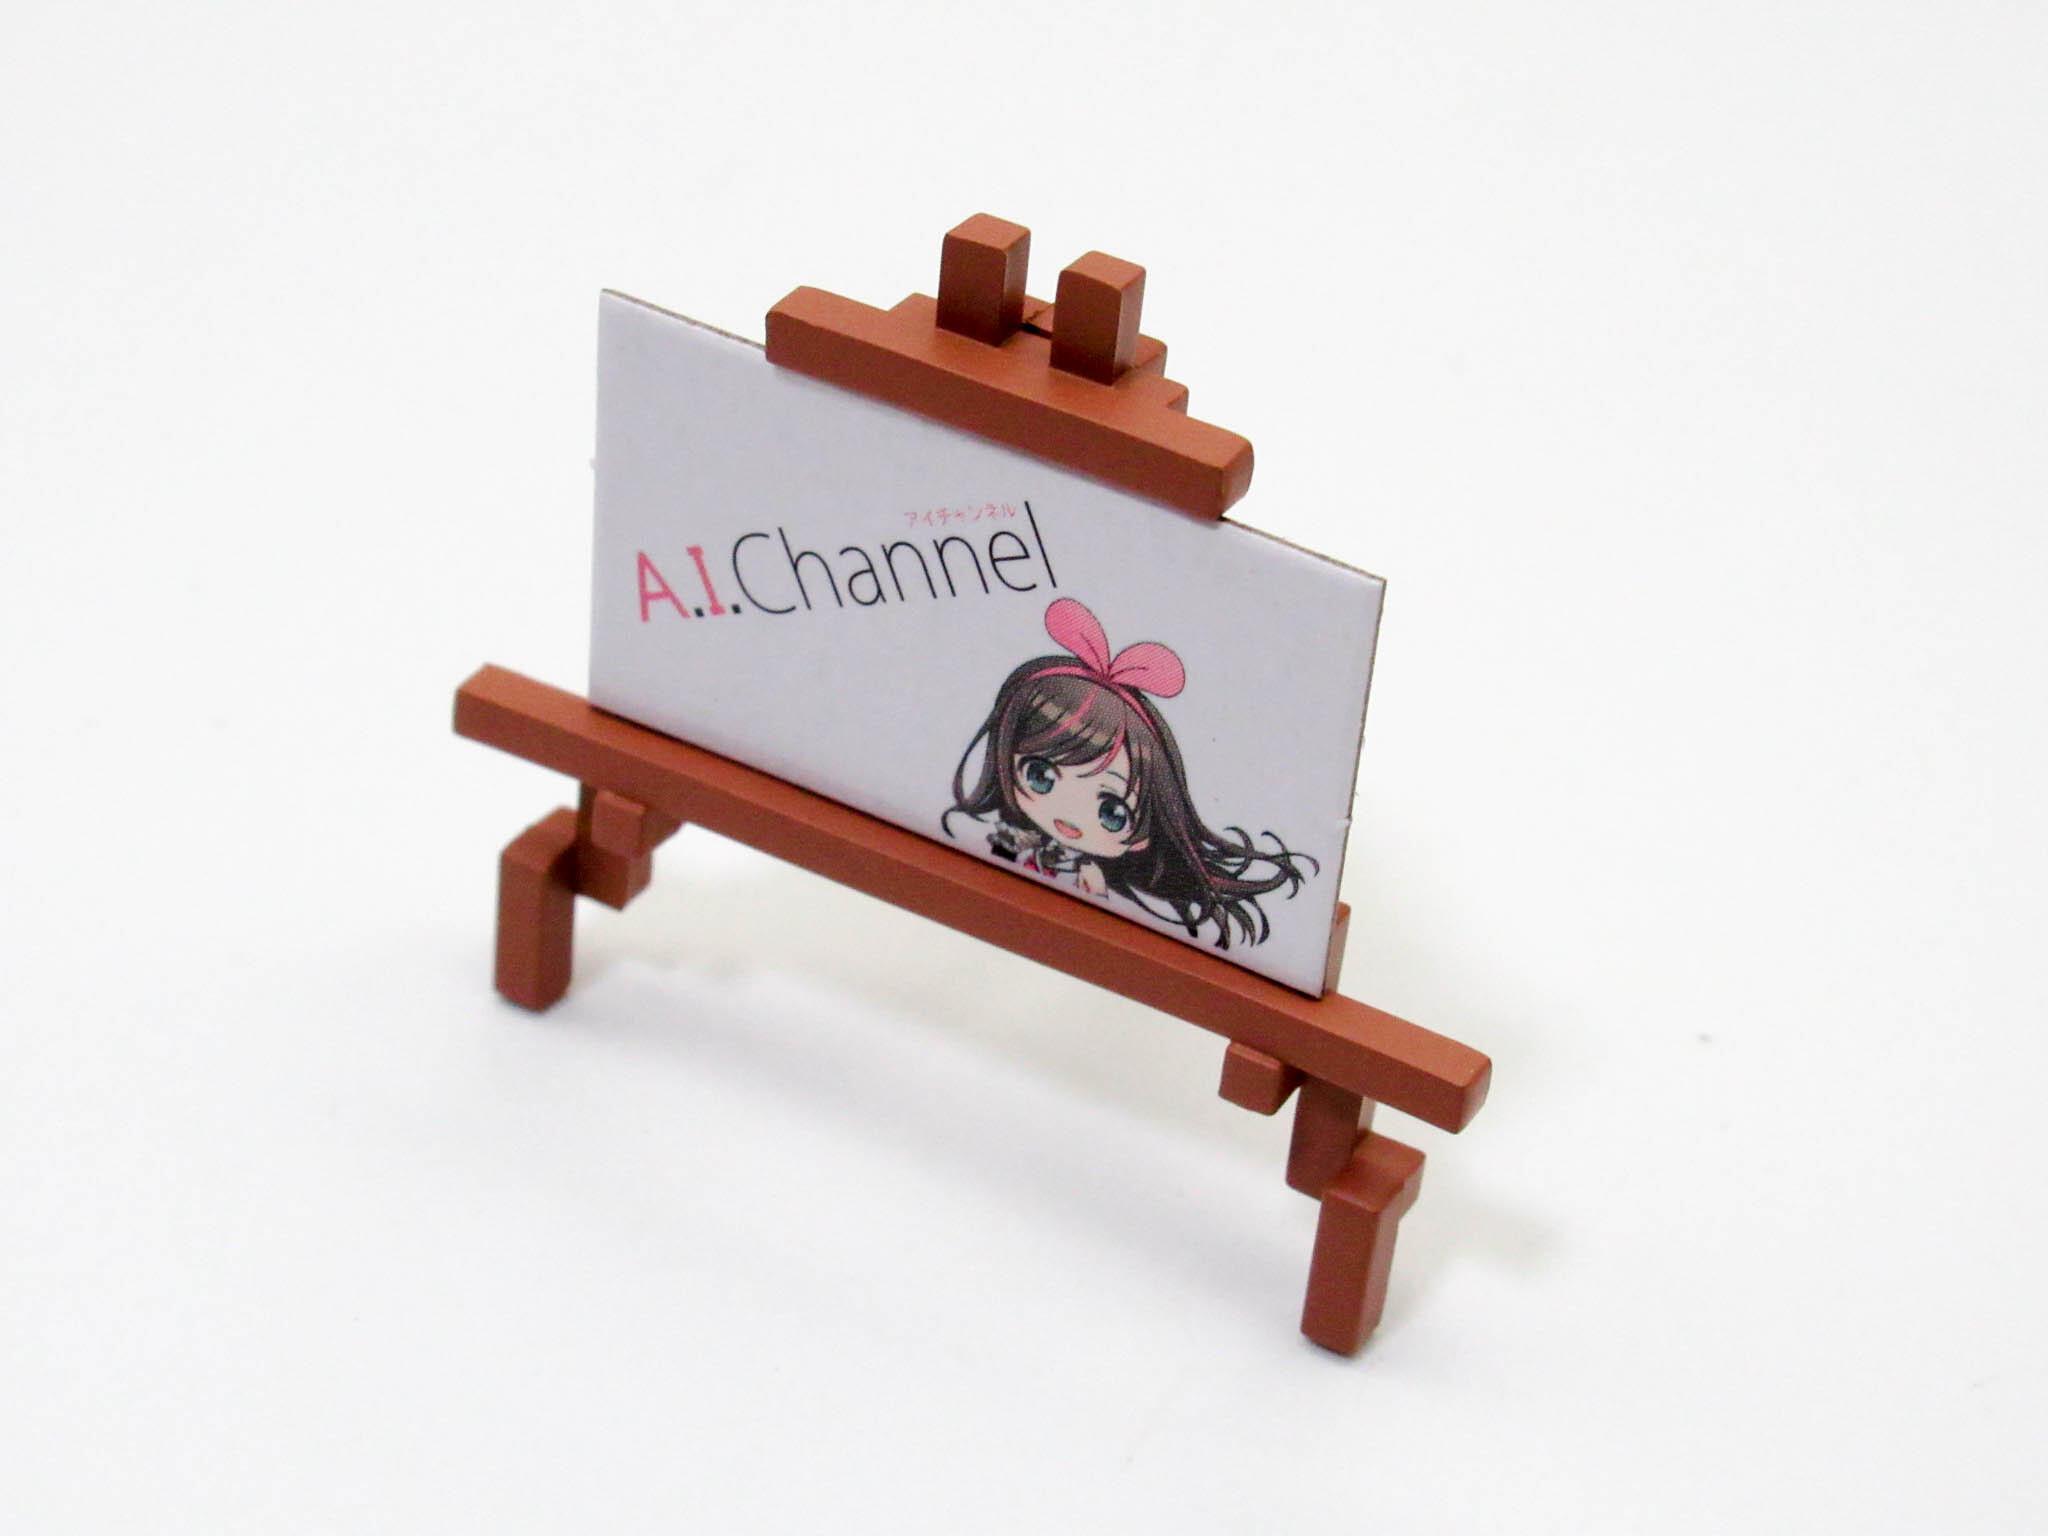 【1115】 キズナアイ A.I.Channel 2019Ver. 小物パーツ イーゼル ねんどろいど